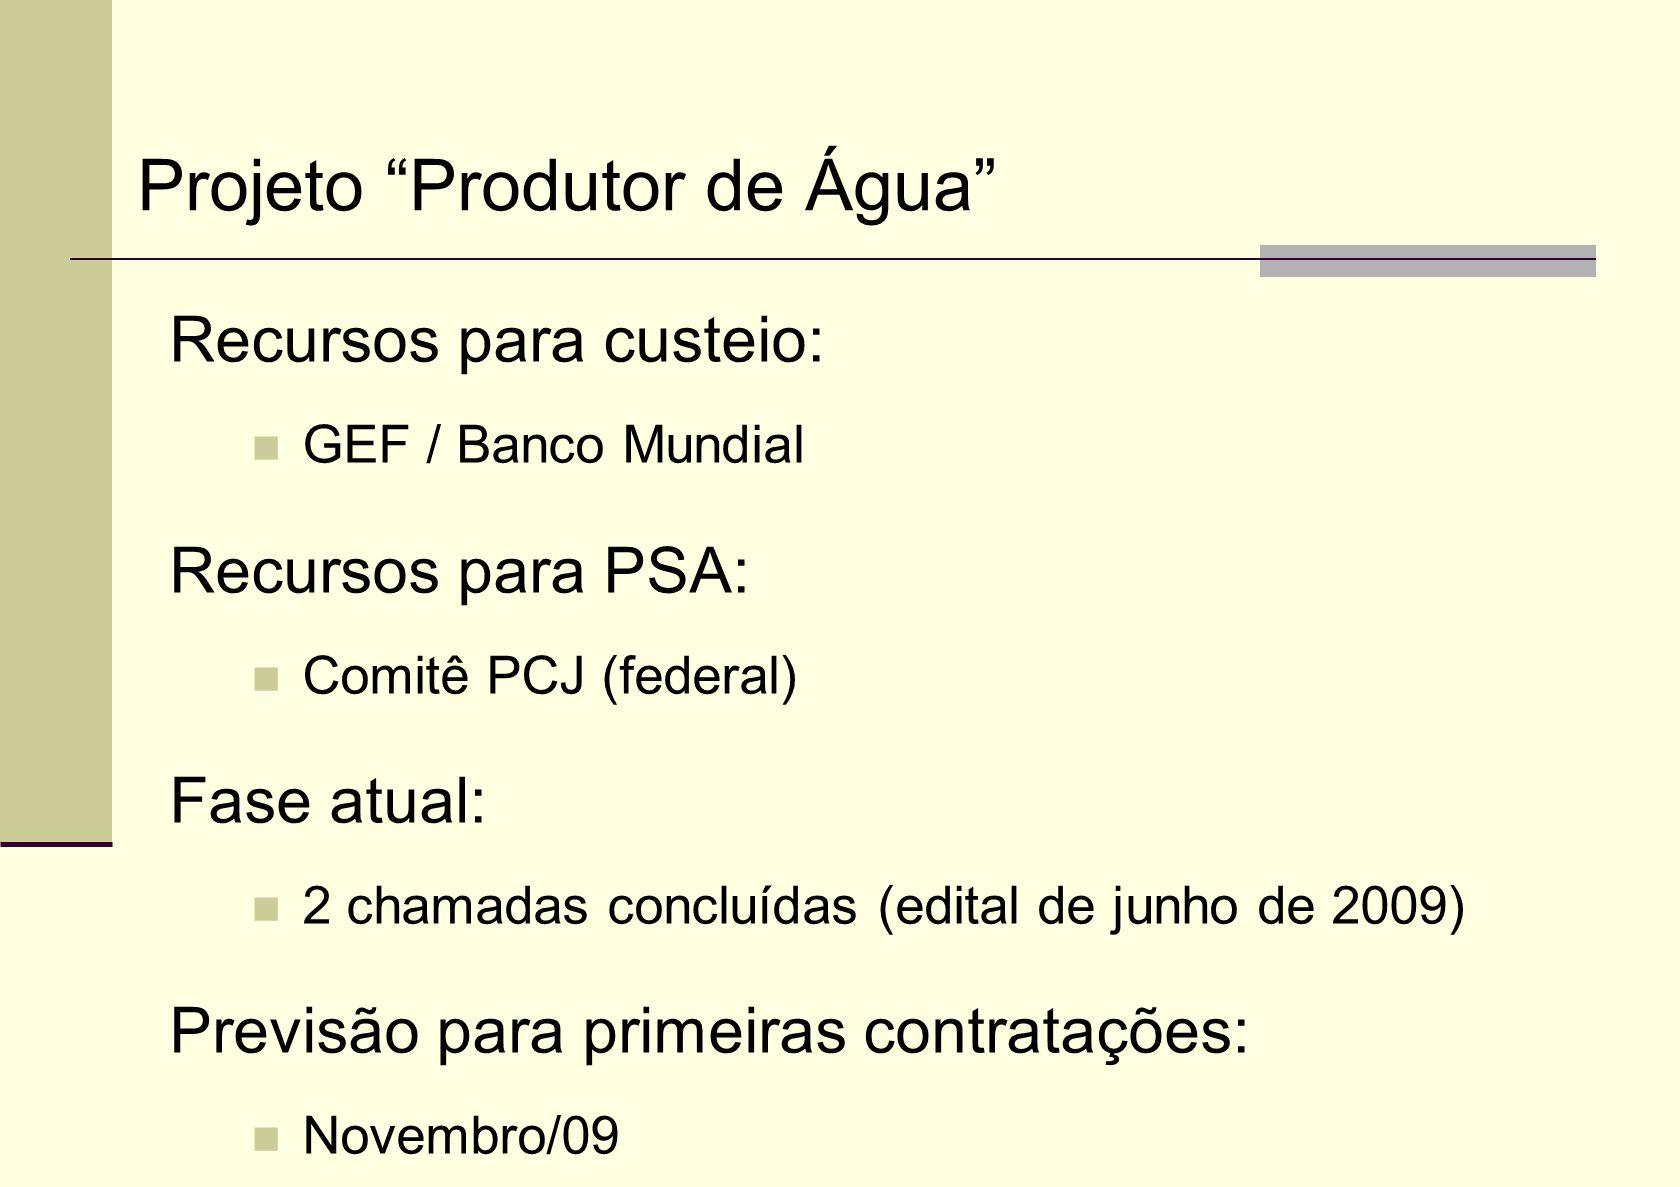 Recursos para custeio: GEF / Banco Mundial Recursos para PSA: Comitê PCJ (federal) Fase atual: 2 chamadas concluídas (edital de junho de 2009) Previsã